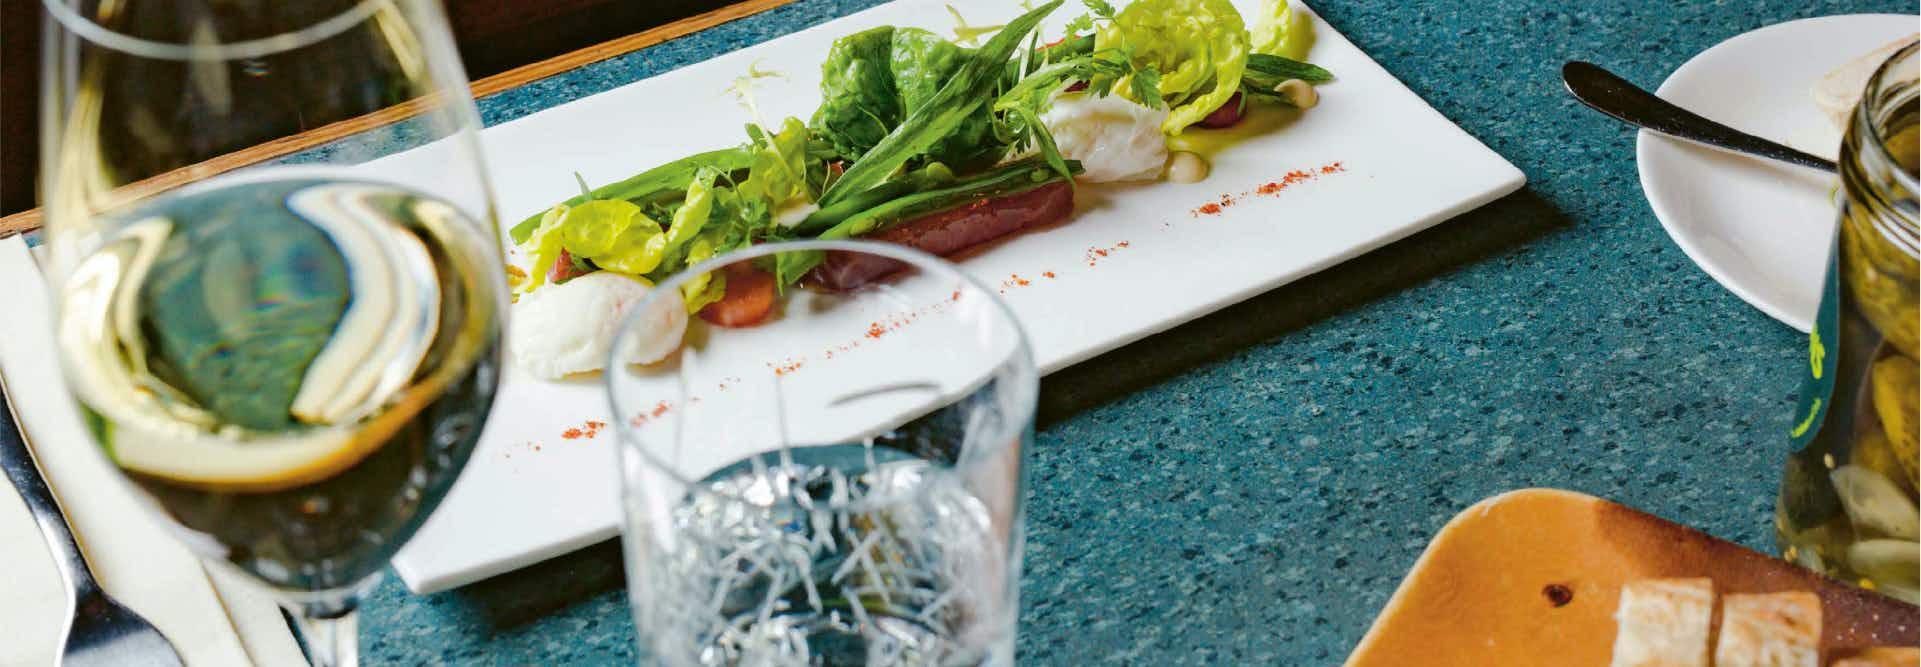 Brasserie Colette Tim Raue - Gedeckter Tisch mit französischen Speisen